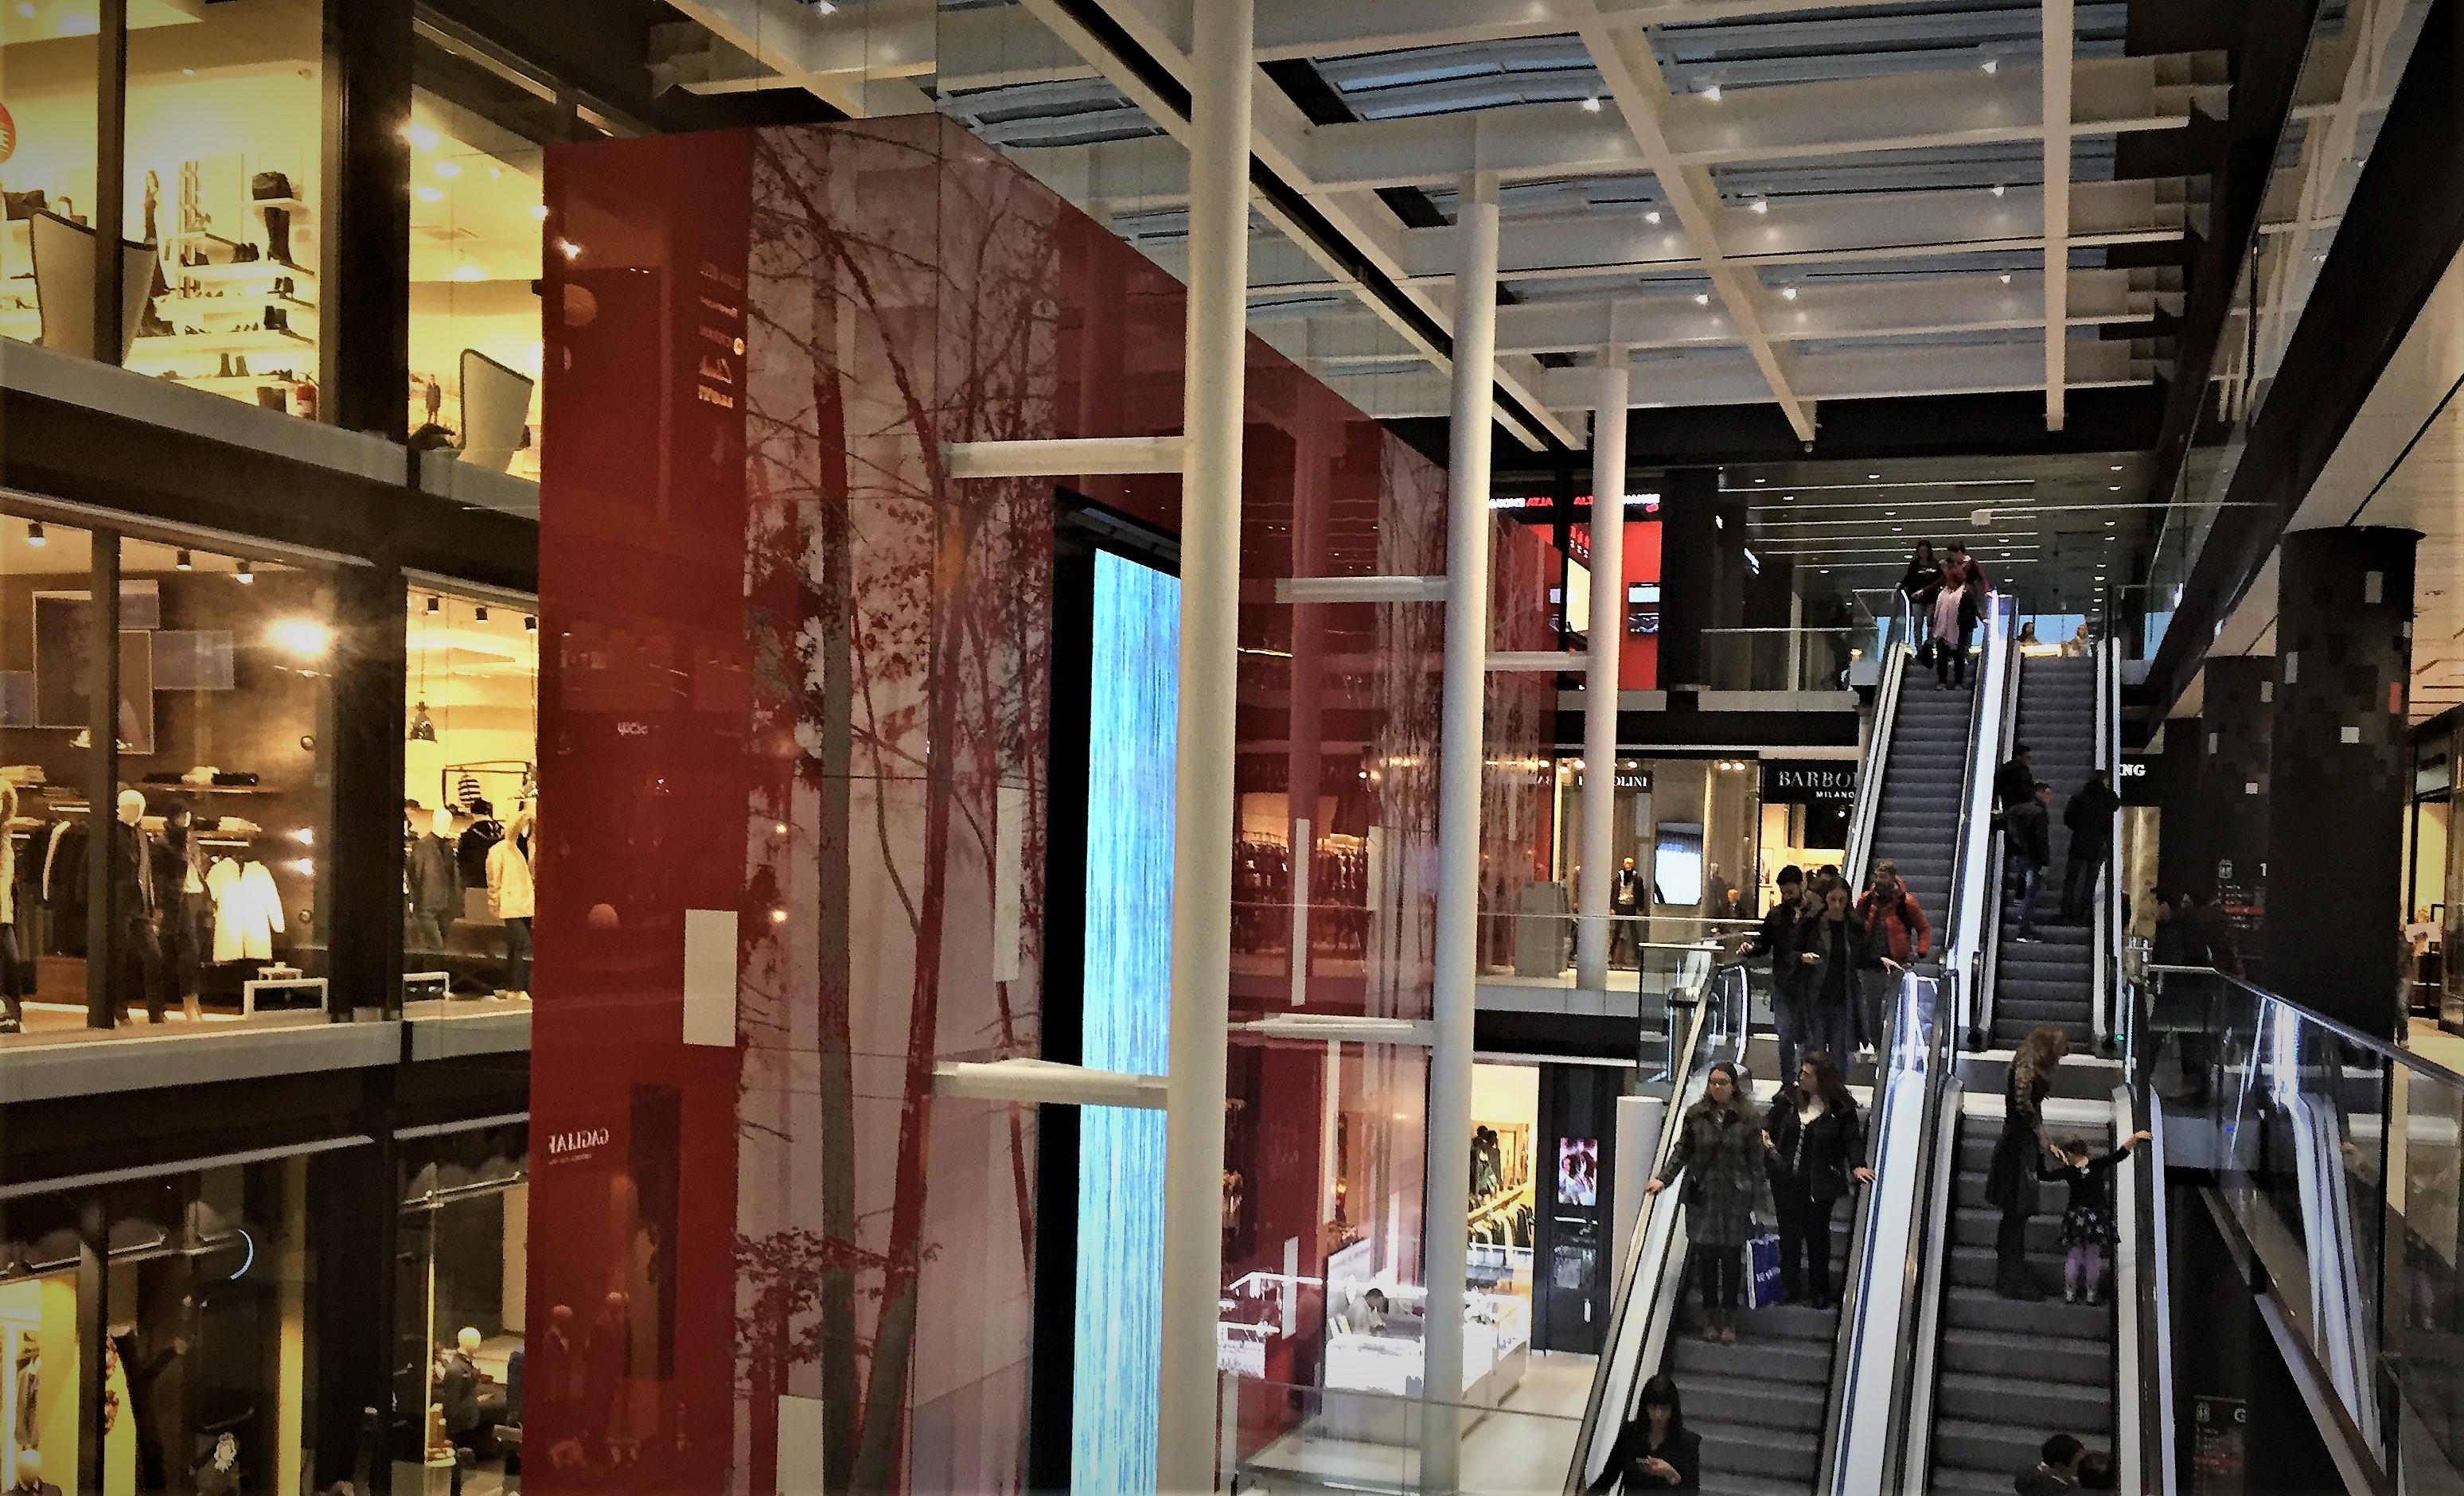 Ulica Kneza Mihundail: Das Warenhaus mit vielen Modeketten.